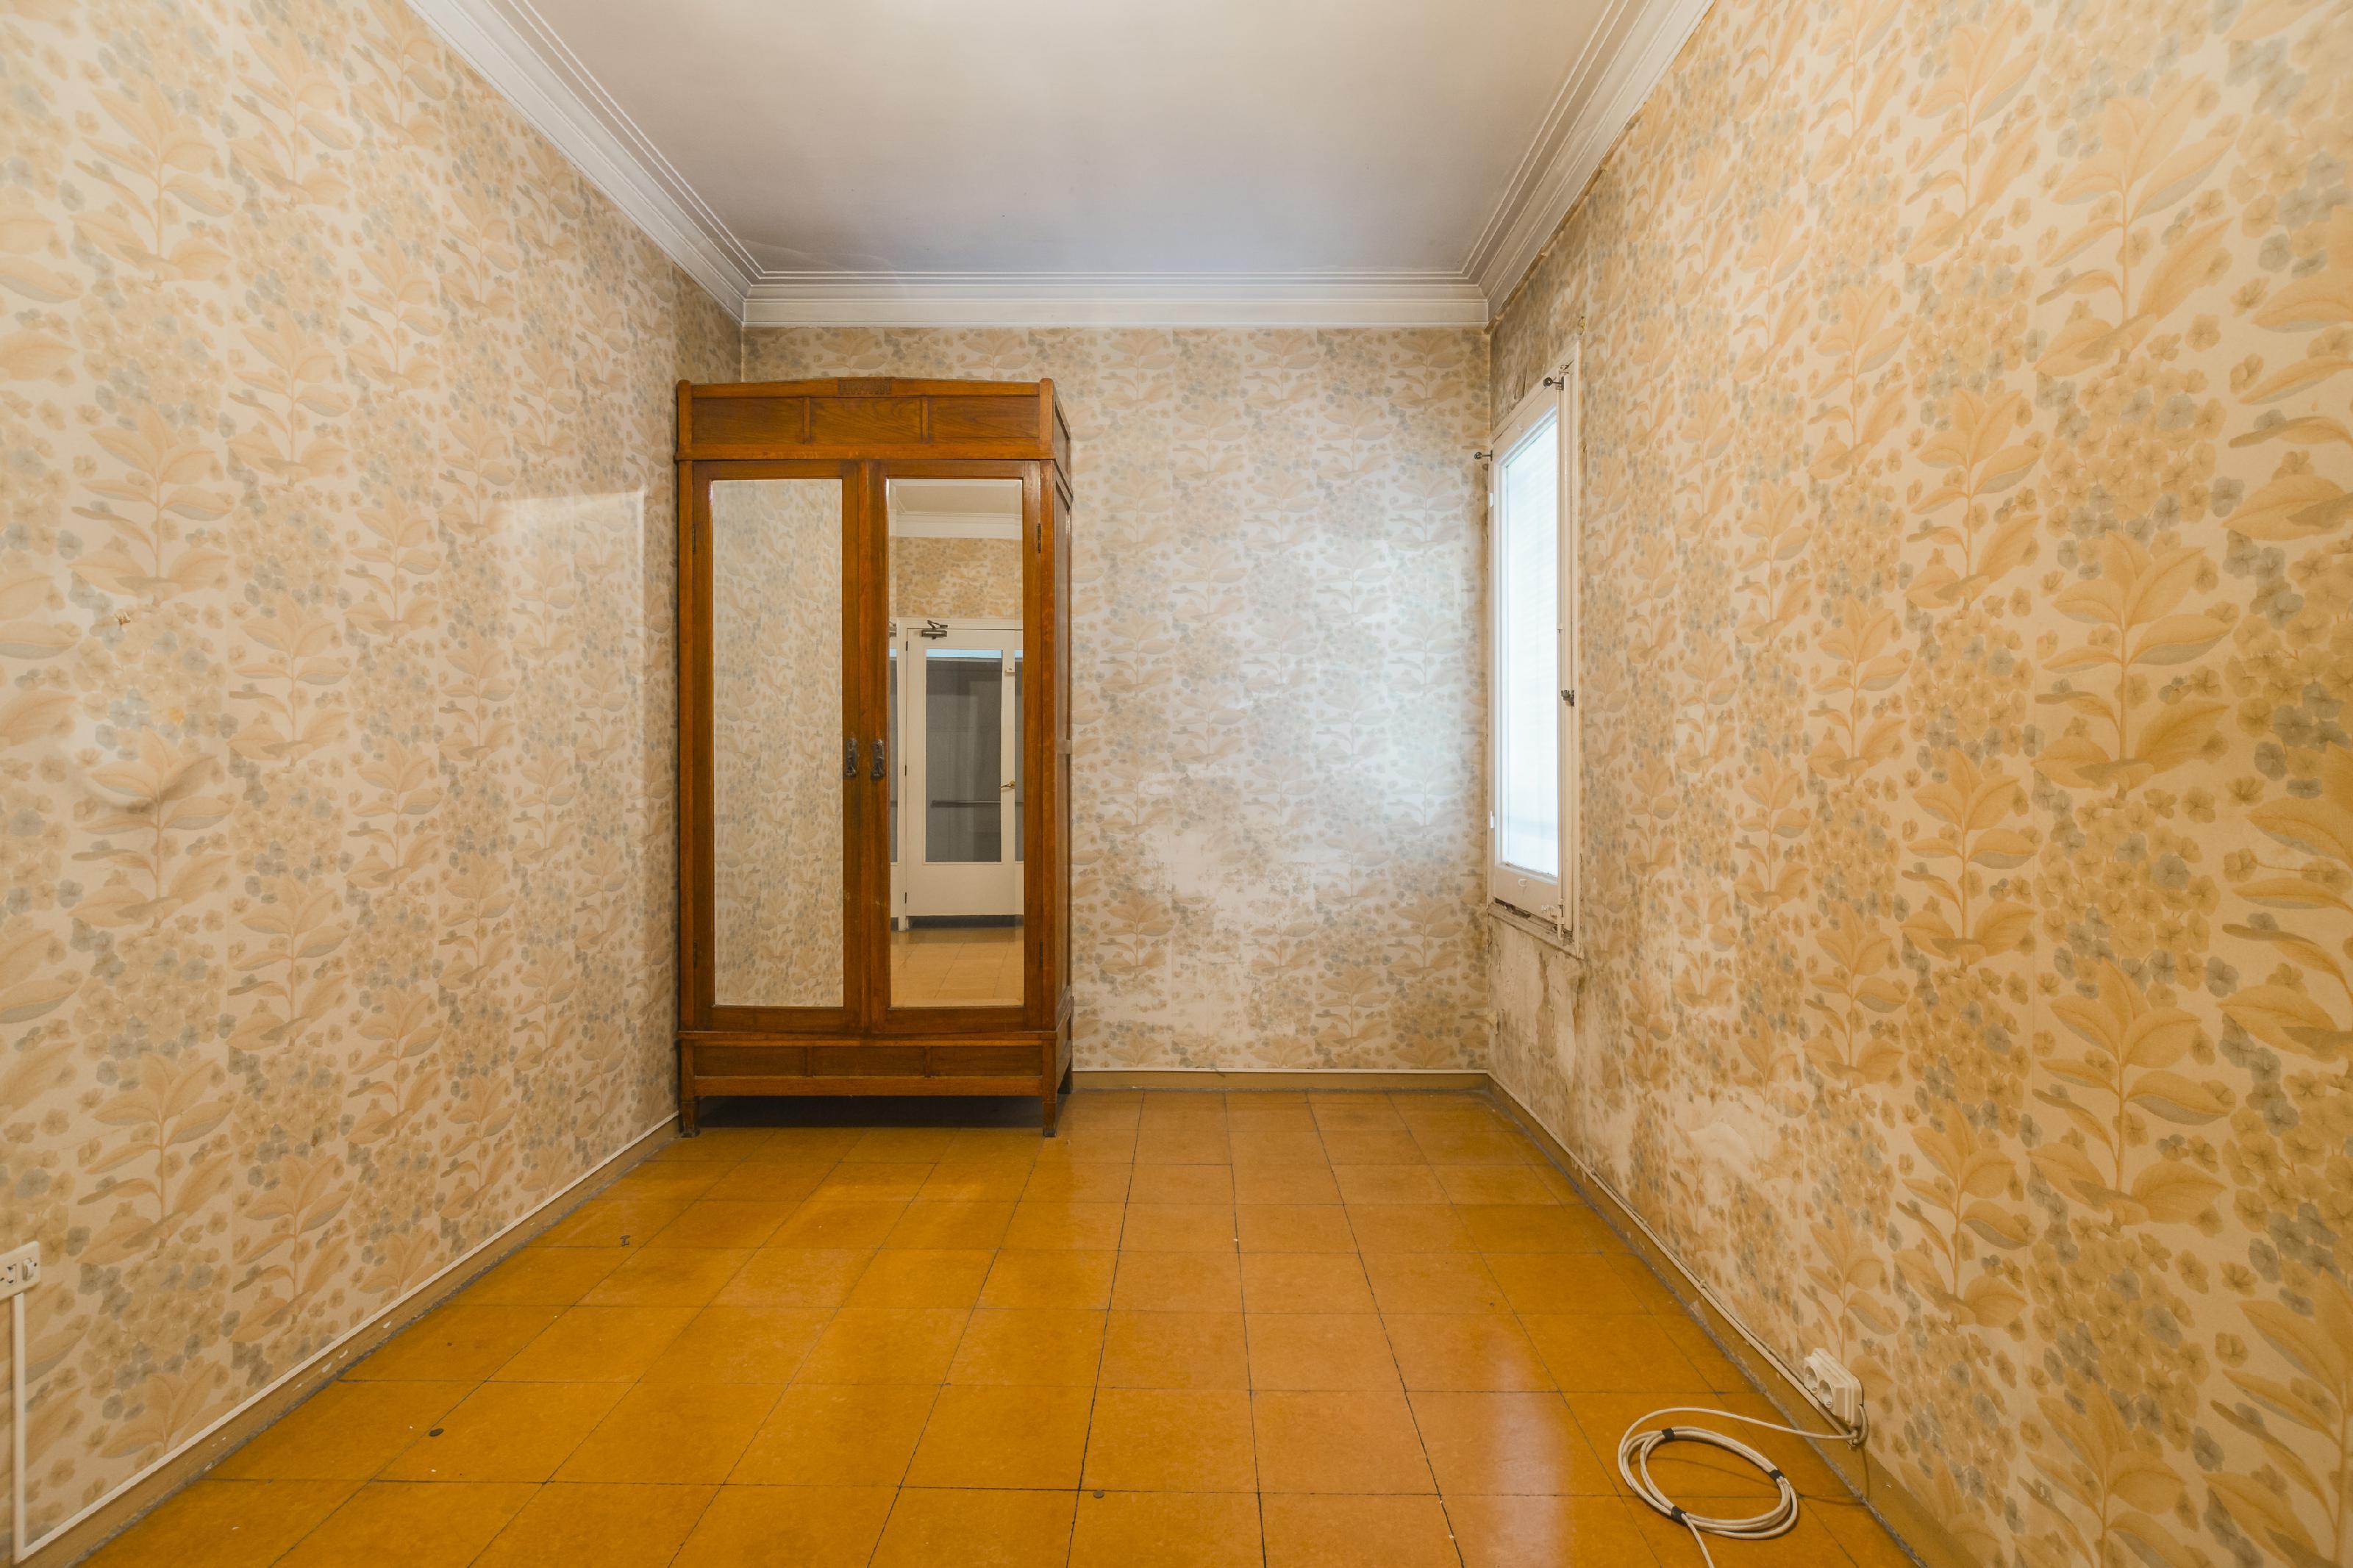 246643 Ático en venda en Sarrià-Sant Gervasi, St. Gervasi-Bonanova 40